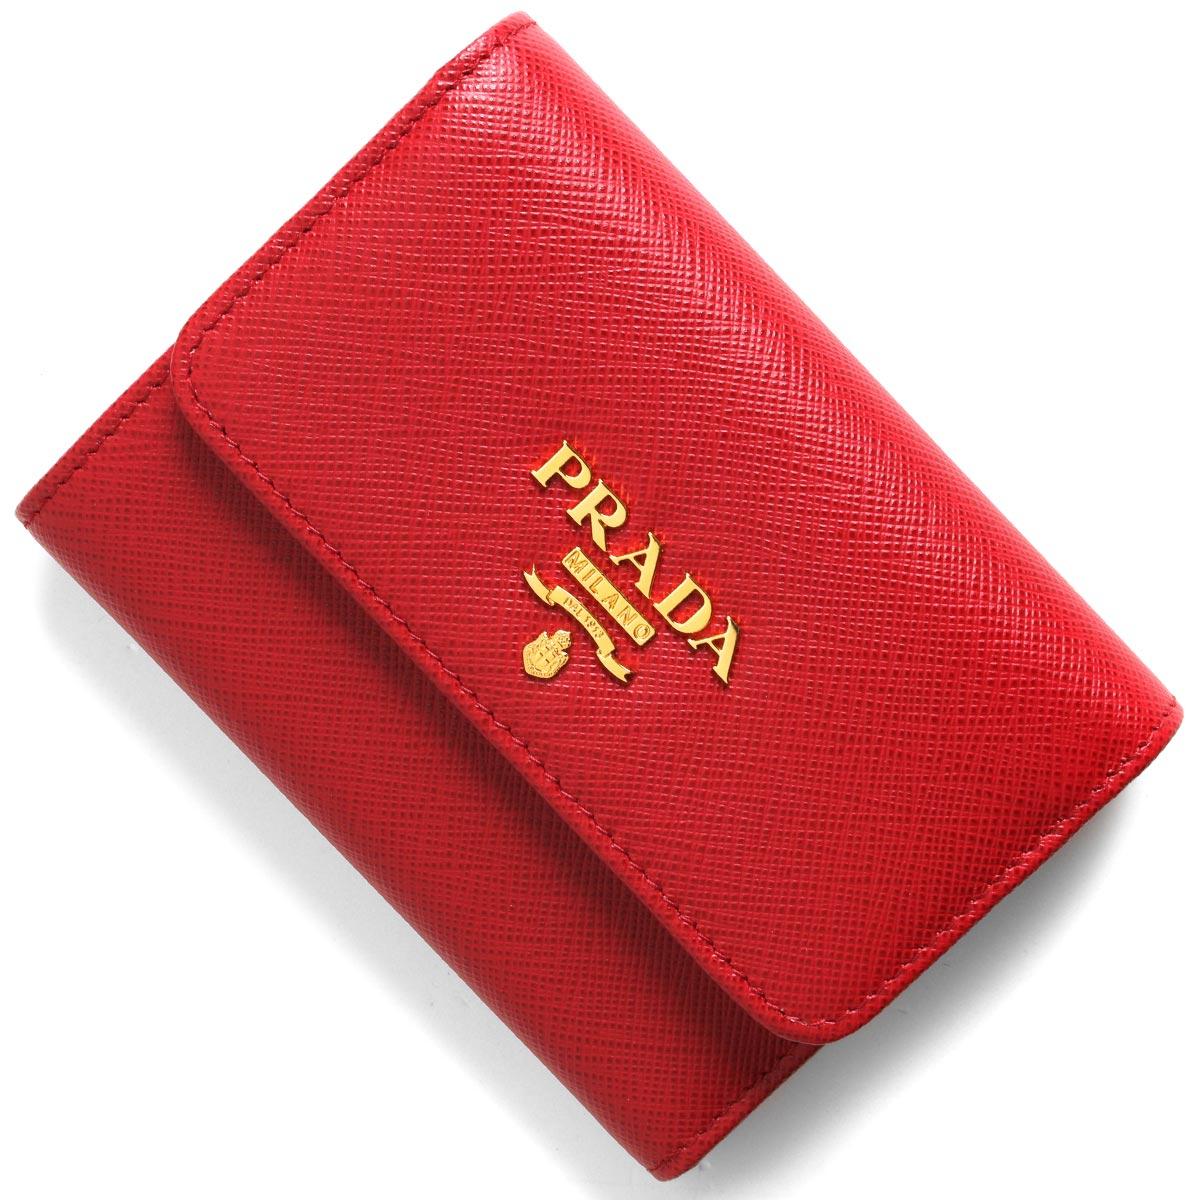 プラダ 三つ折り財布 財布 レディース サフィアーノ メタル フォーコレッド 1MH840 QWA F068Z PRADA